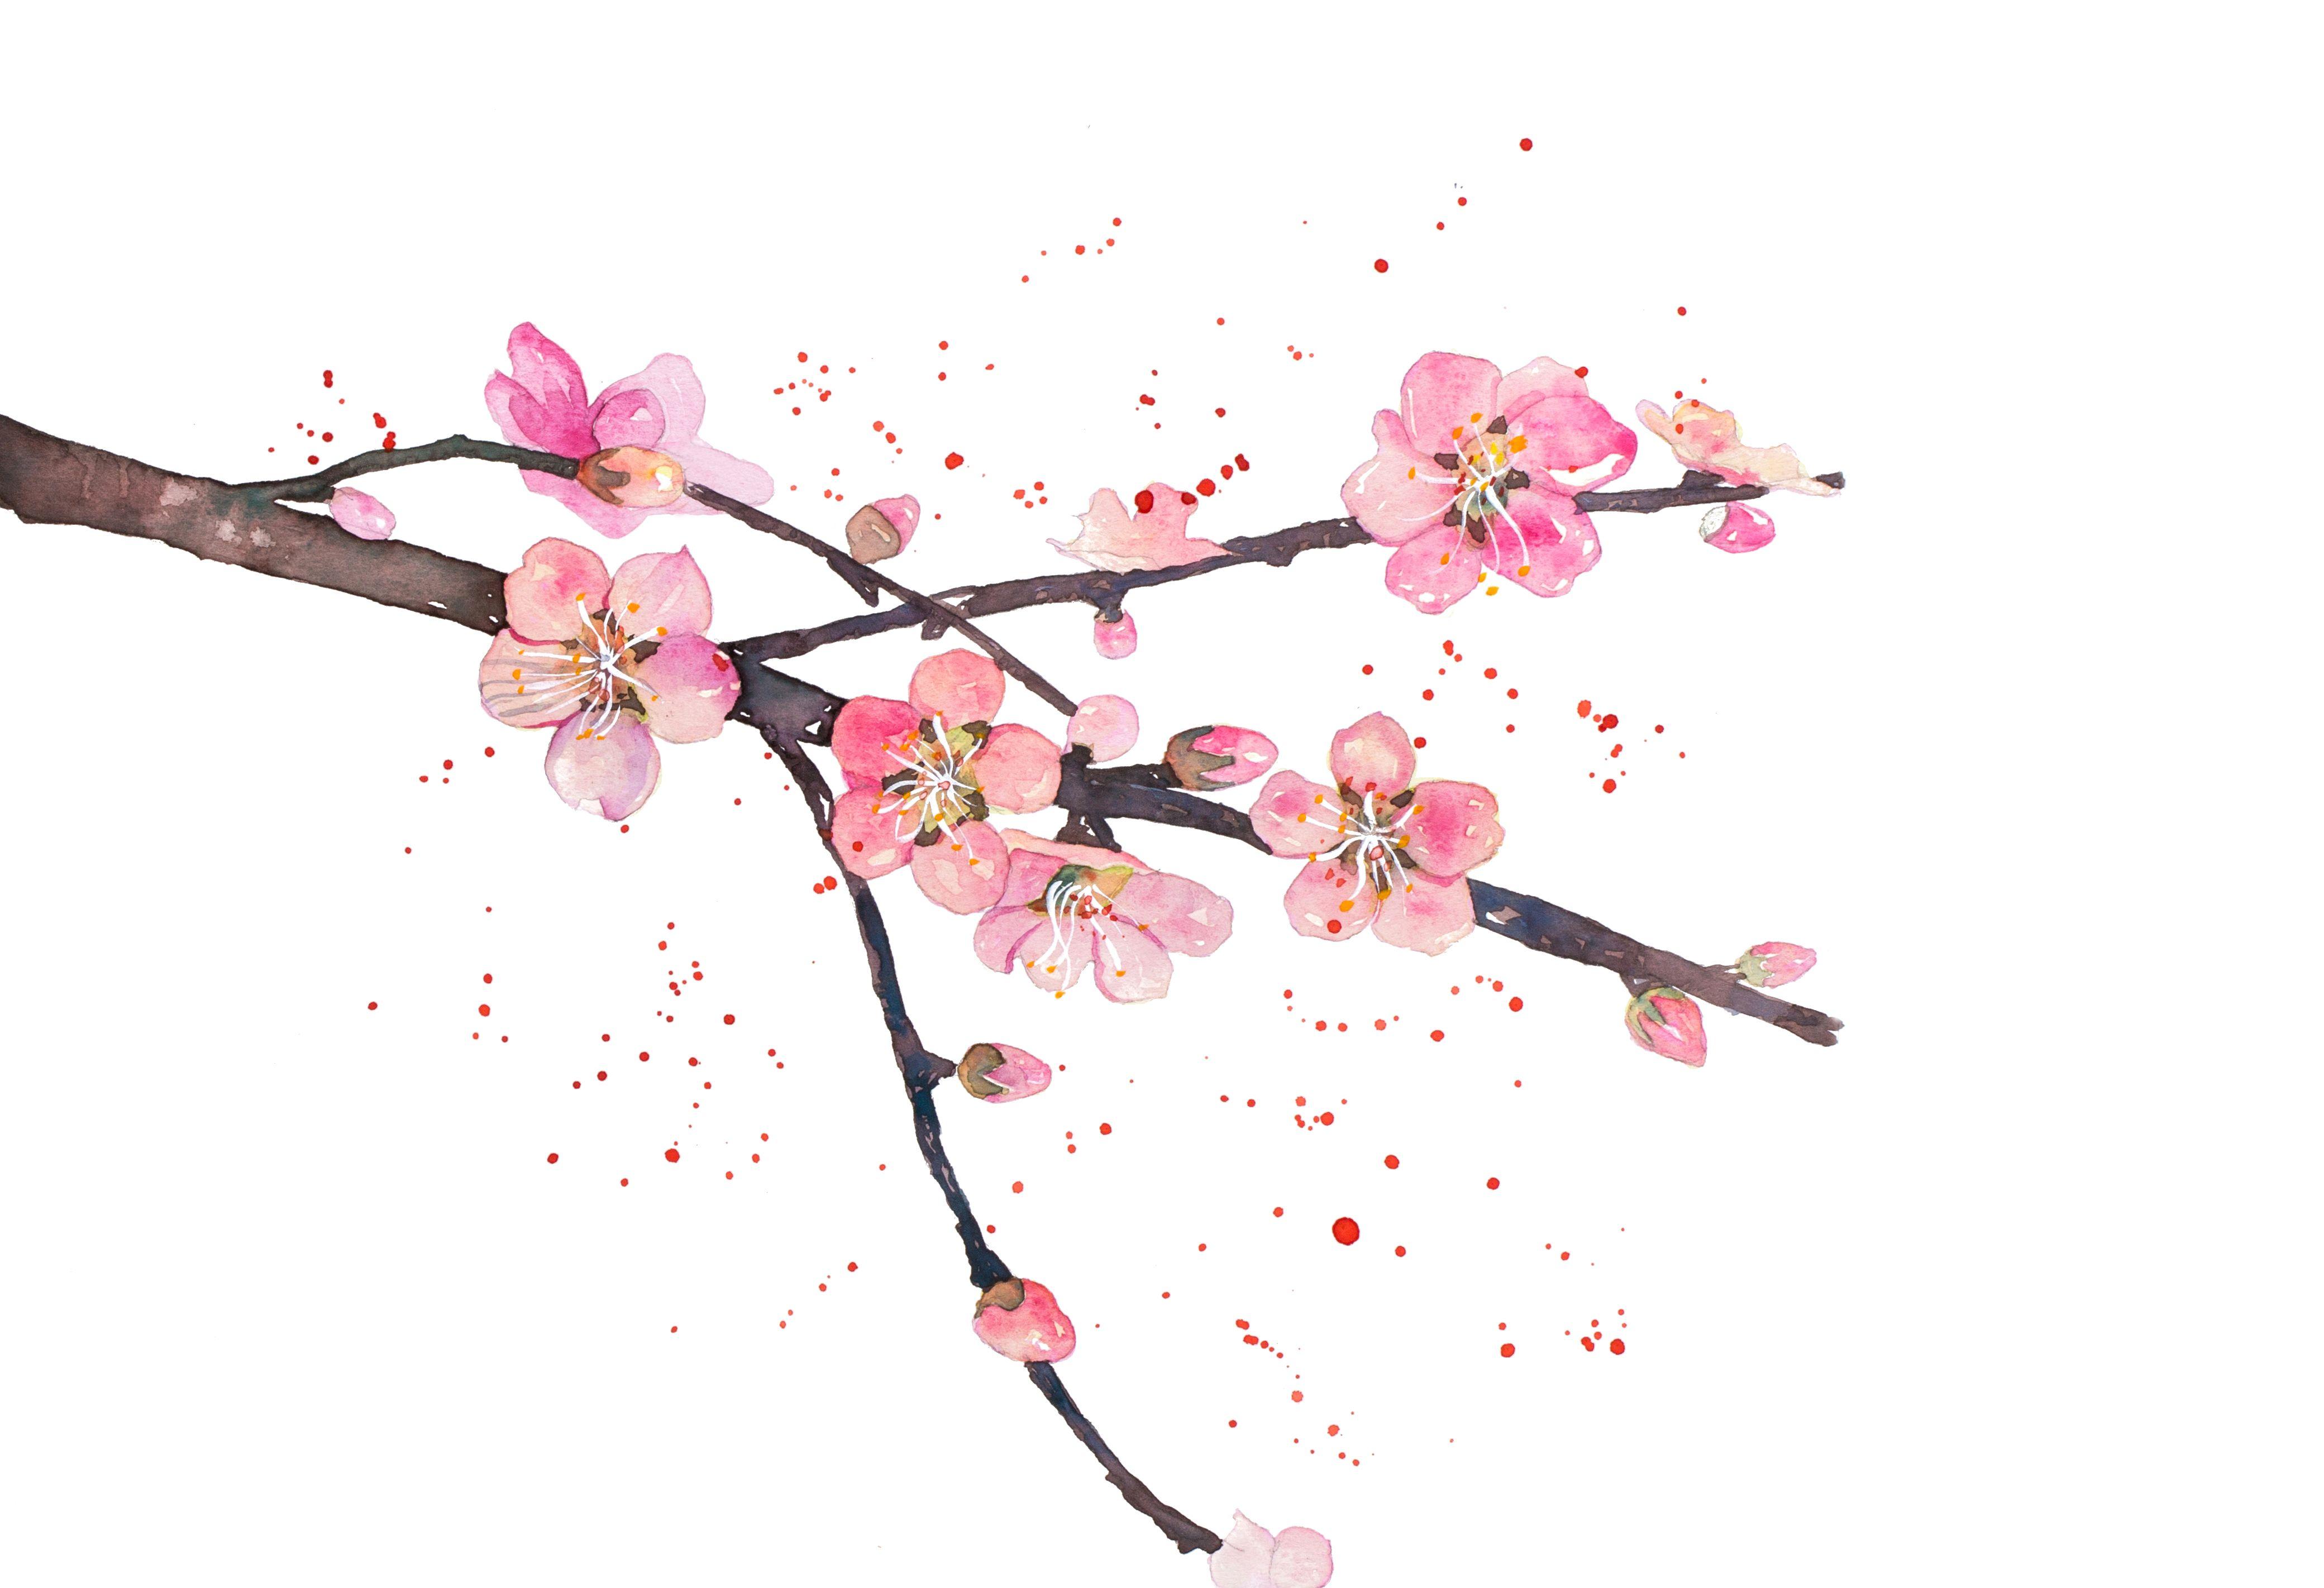 4161x2844 Peach Blossom Pawse Drawingdesign Design